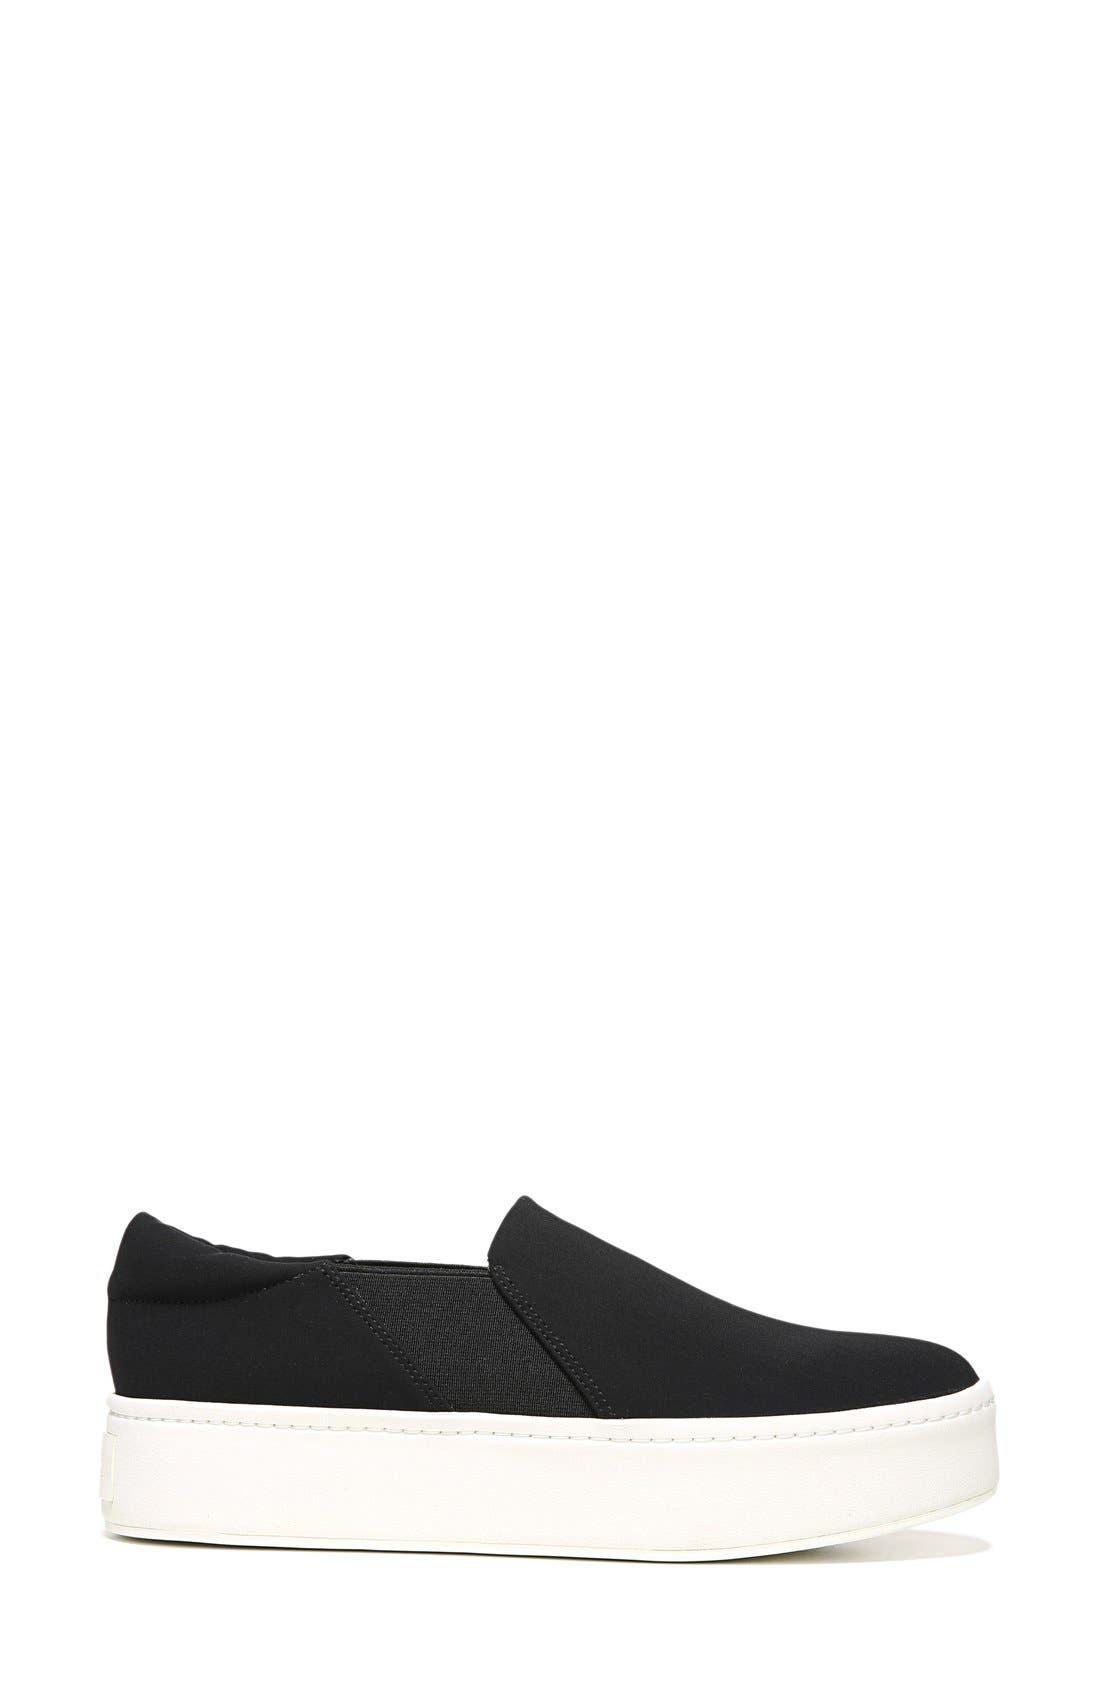 Warren Slip-On Sneaker,                             Alternate thumbnail 2, color,                             Black